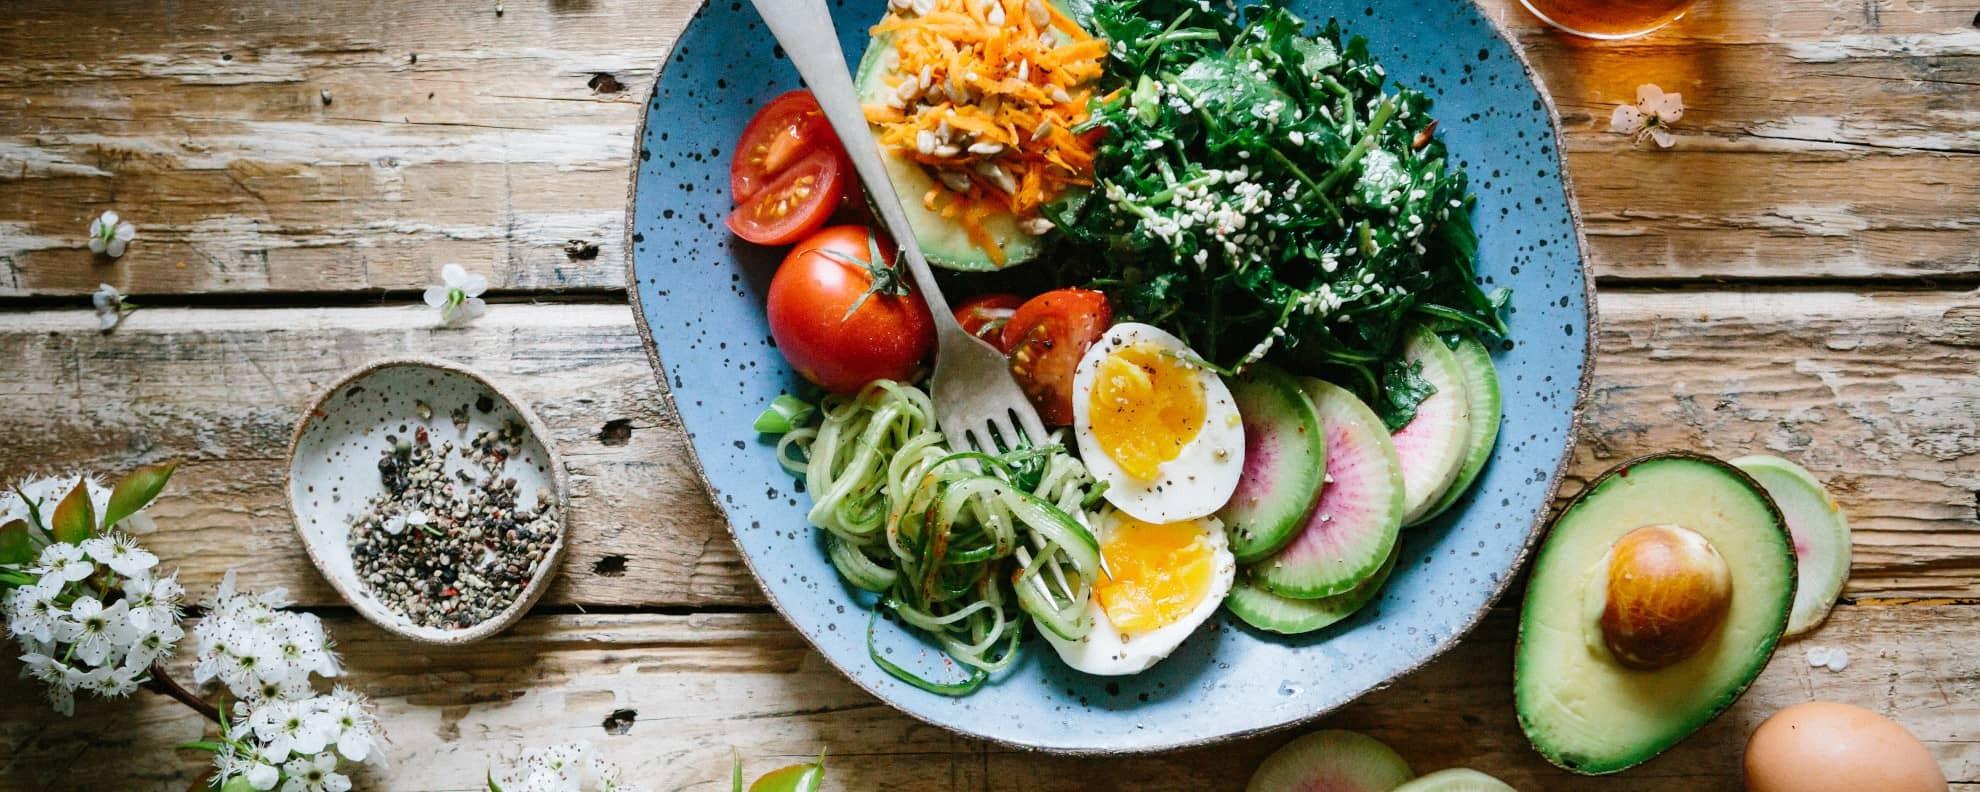 Schnell und gesund kochen: 10 Tipps für eine ausgewogene Ernährung